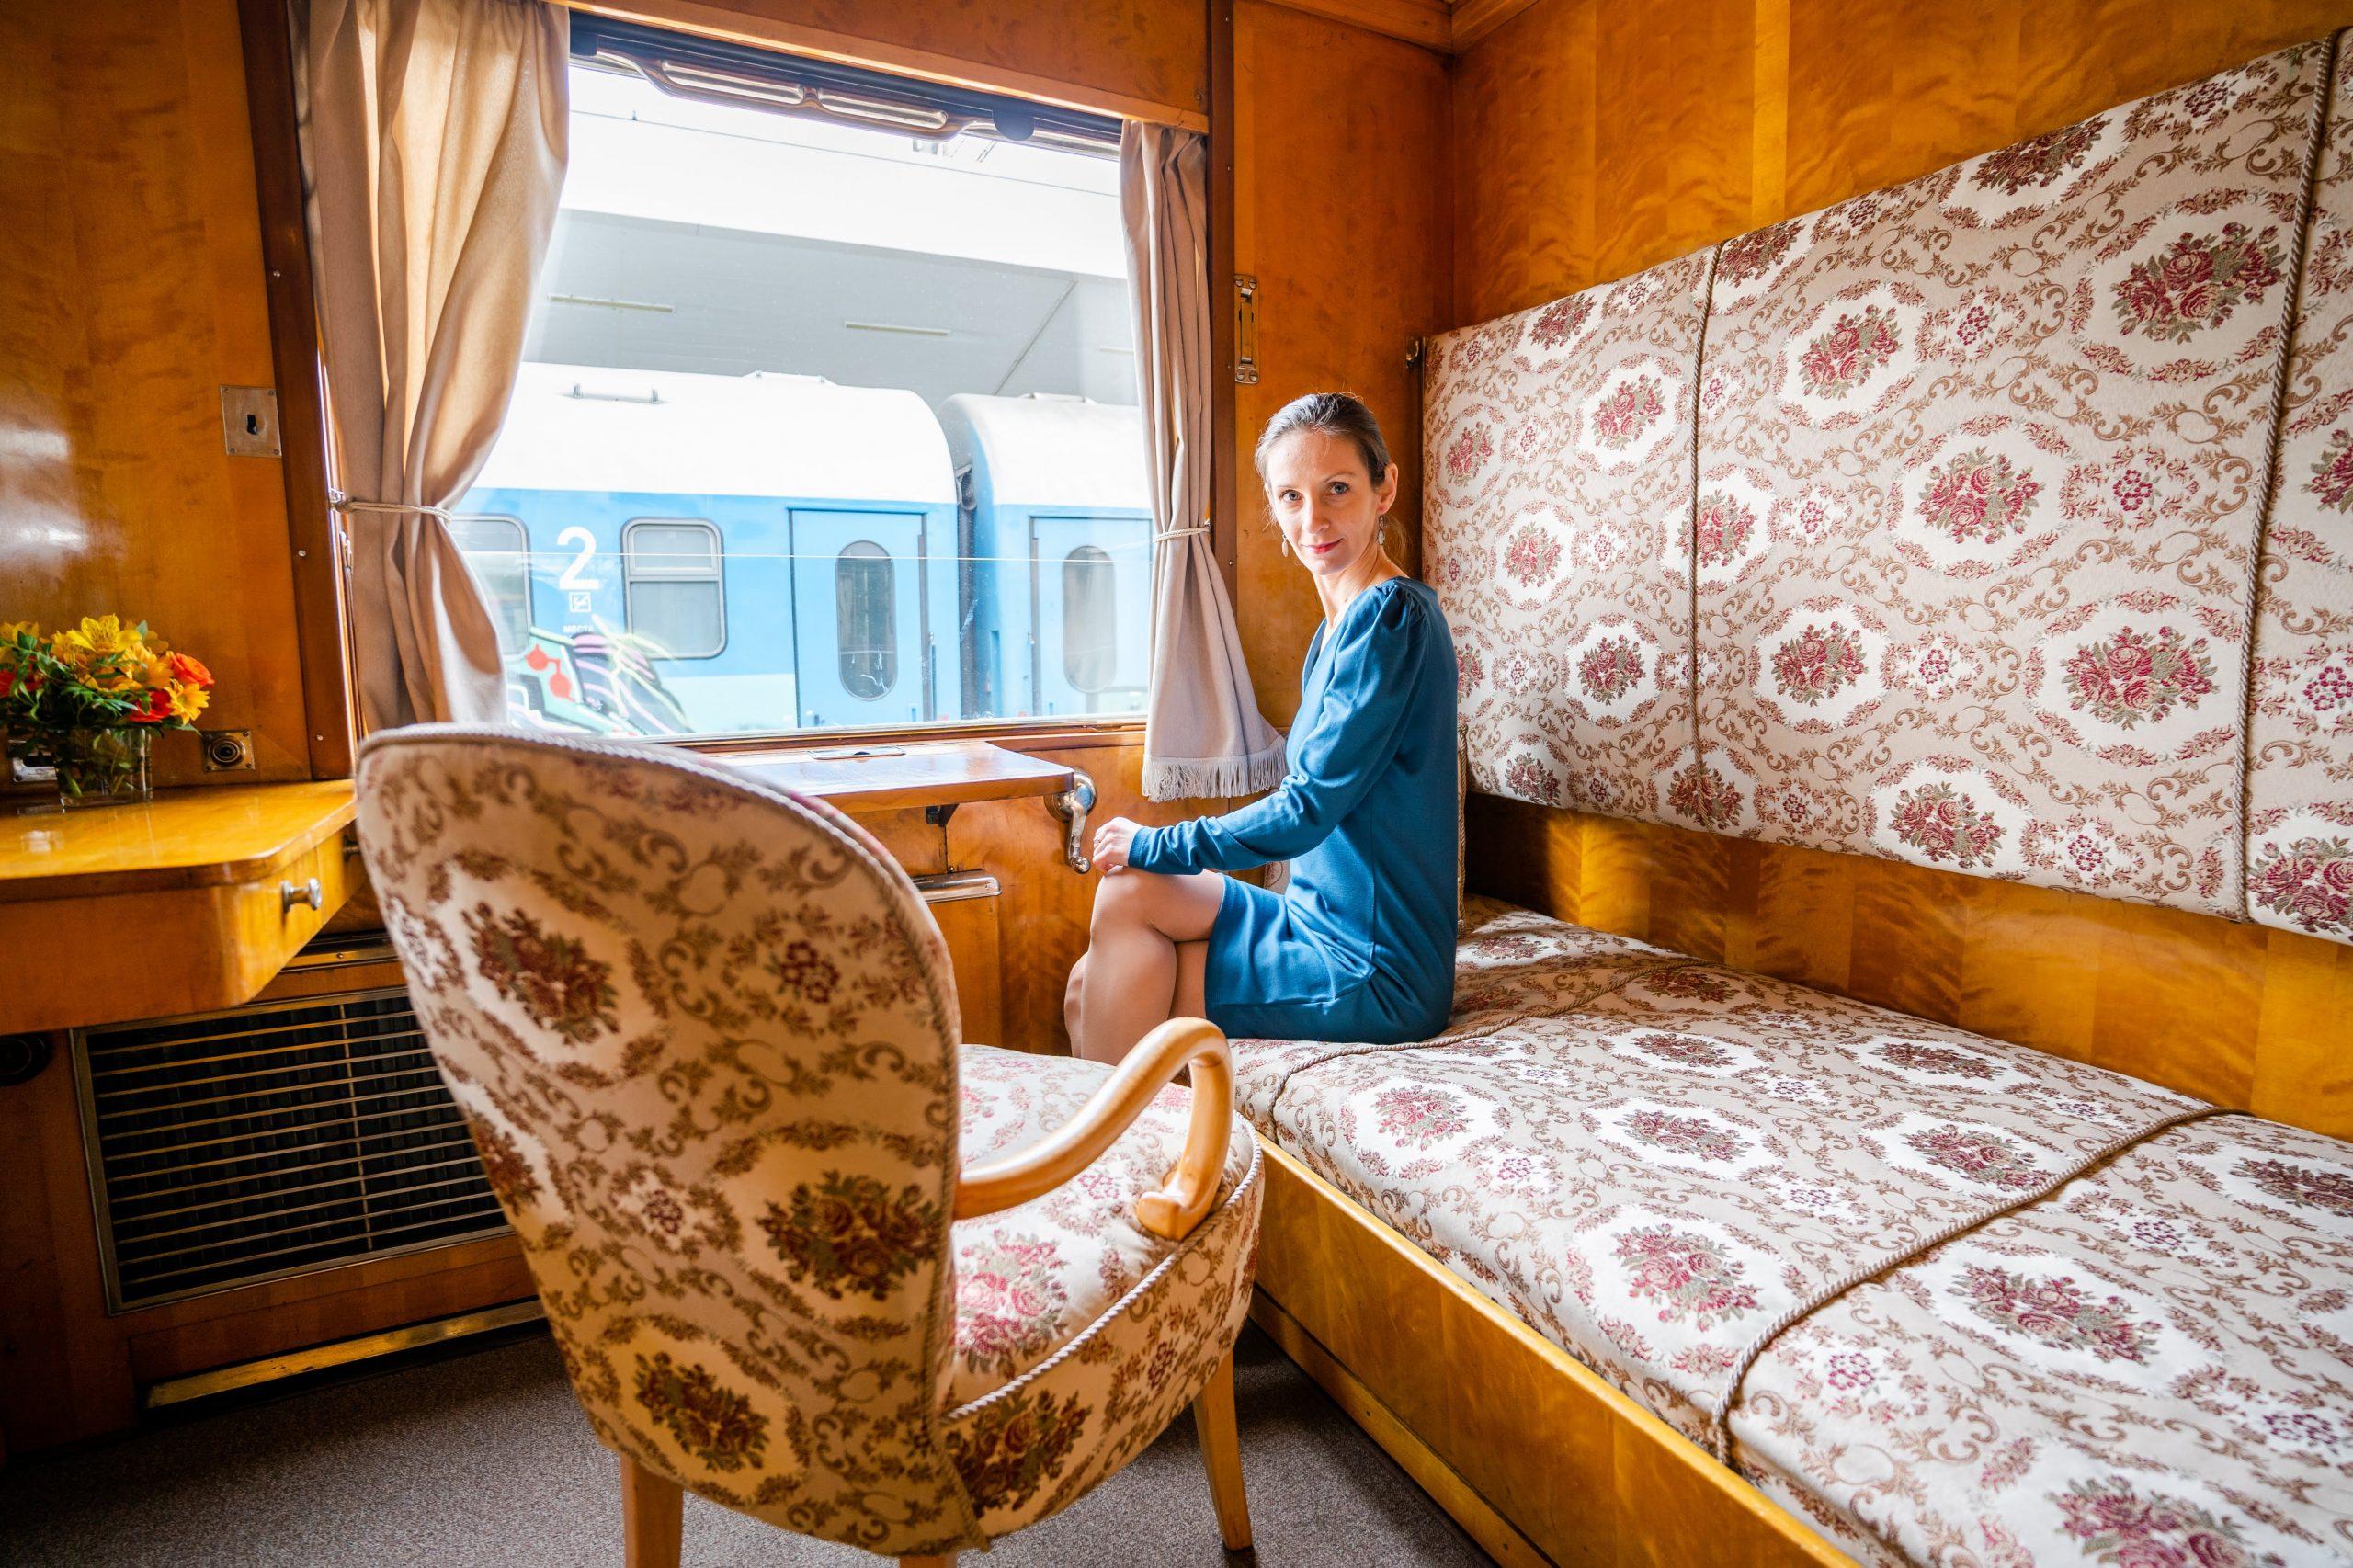 Обяд във влака на Цар Борис III - едно от любимите ми преживявания за 2020 г, в партньорство с Diners Club